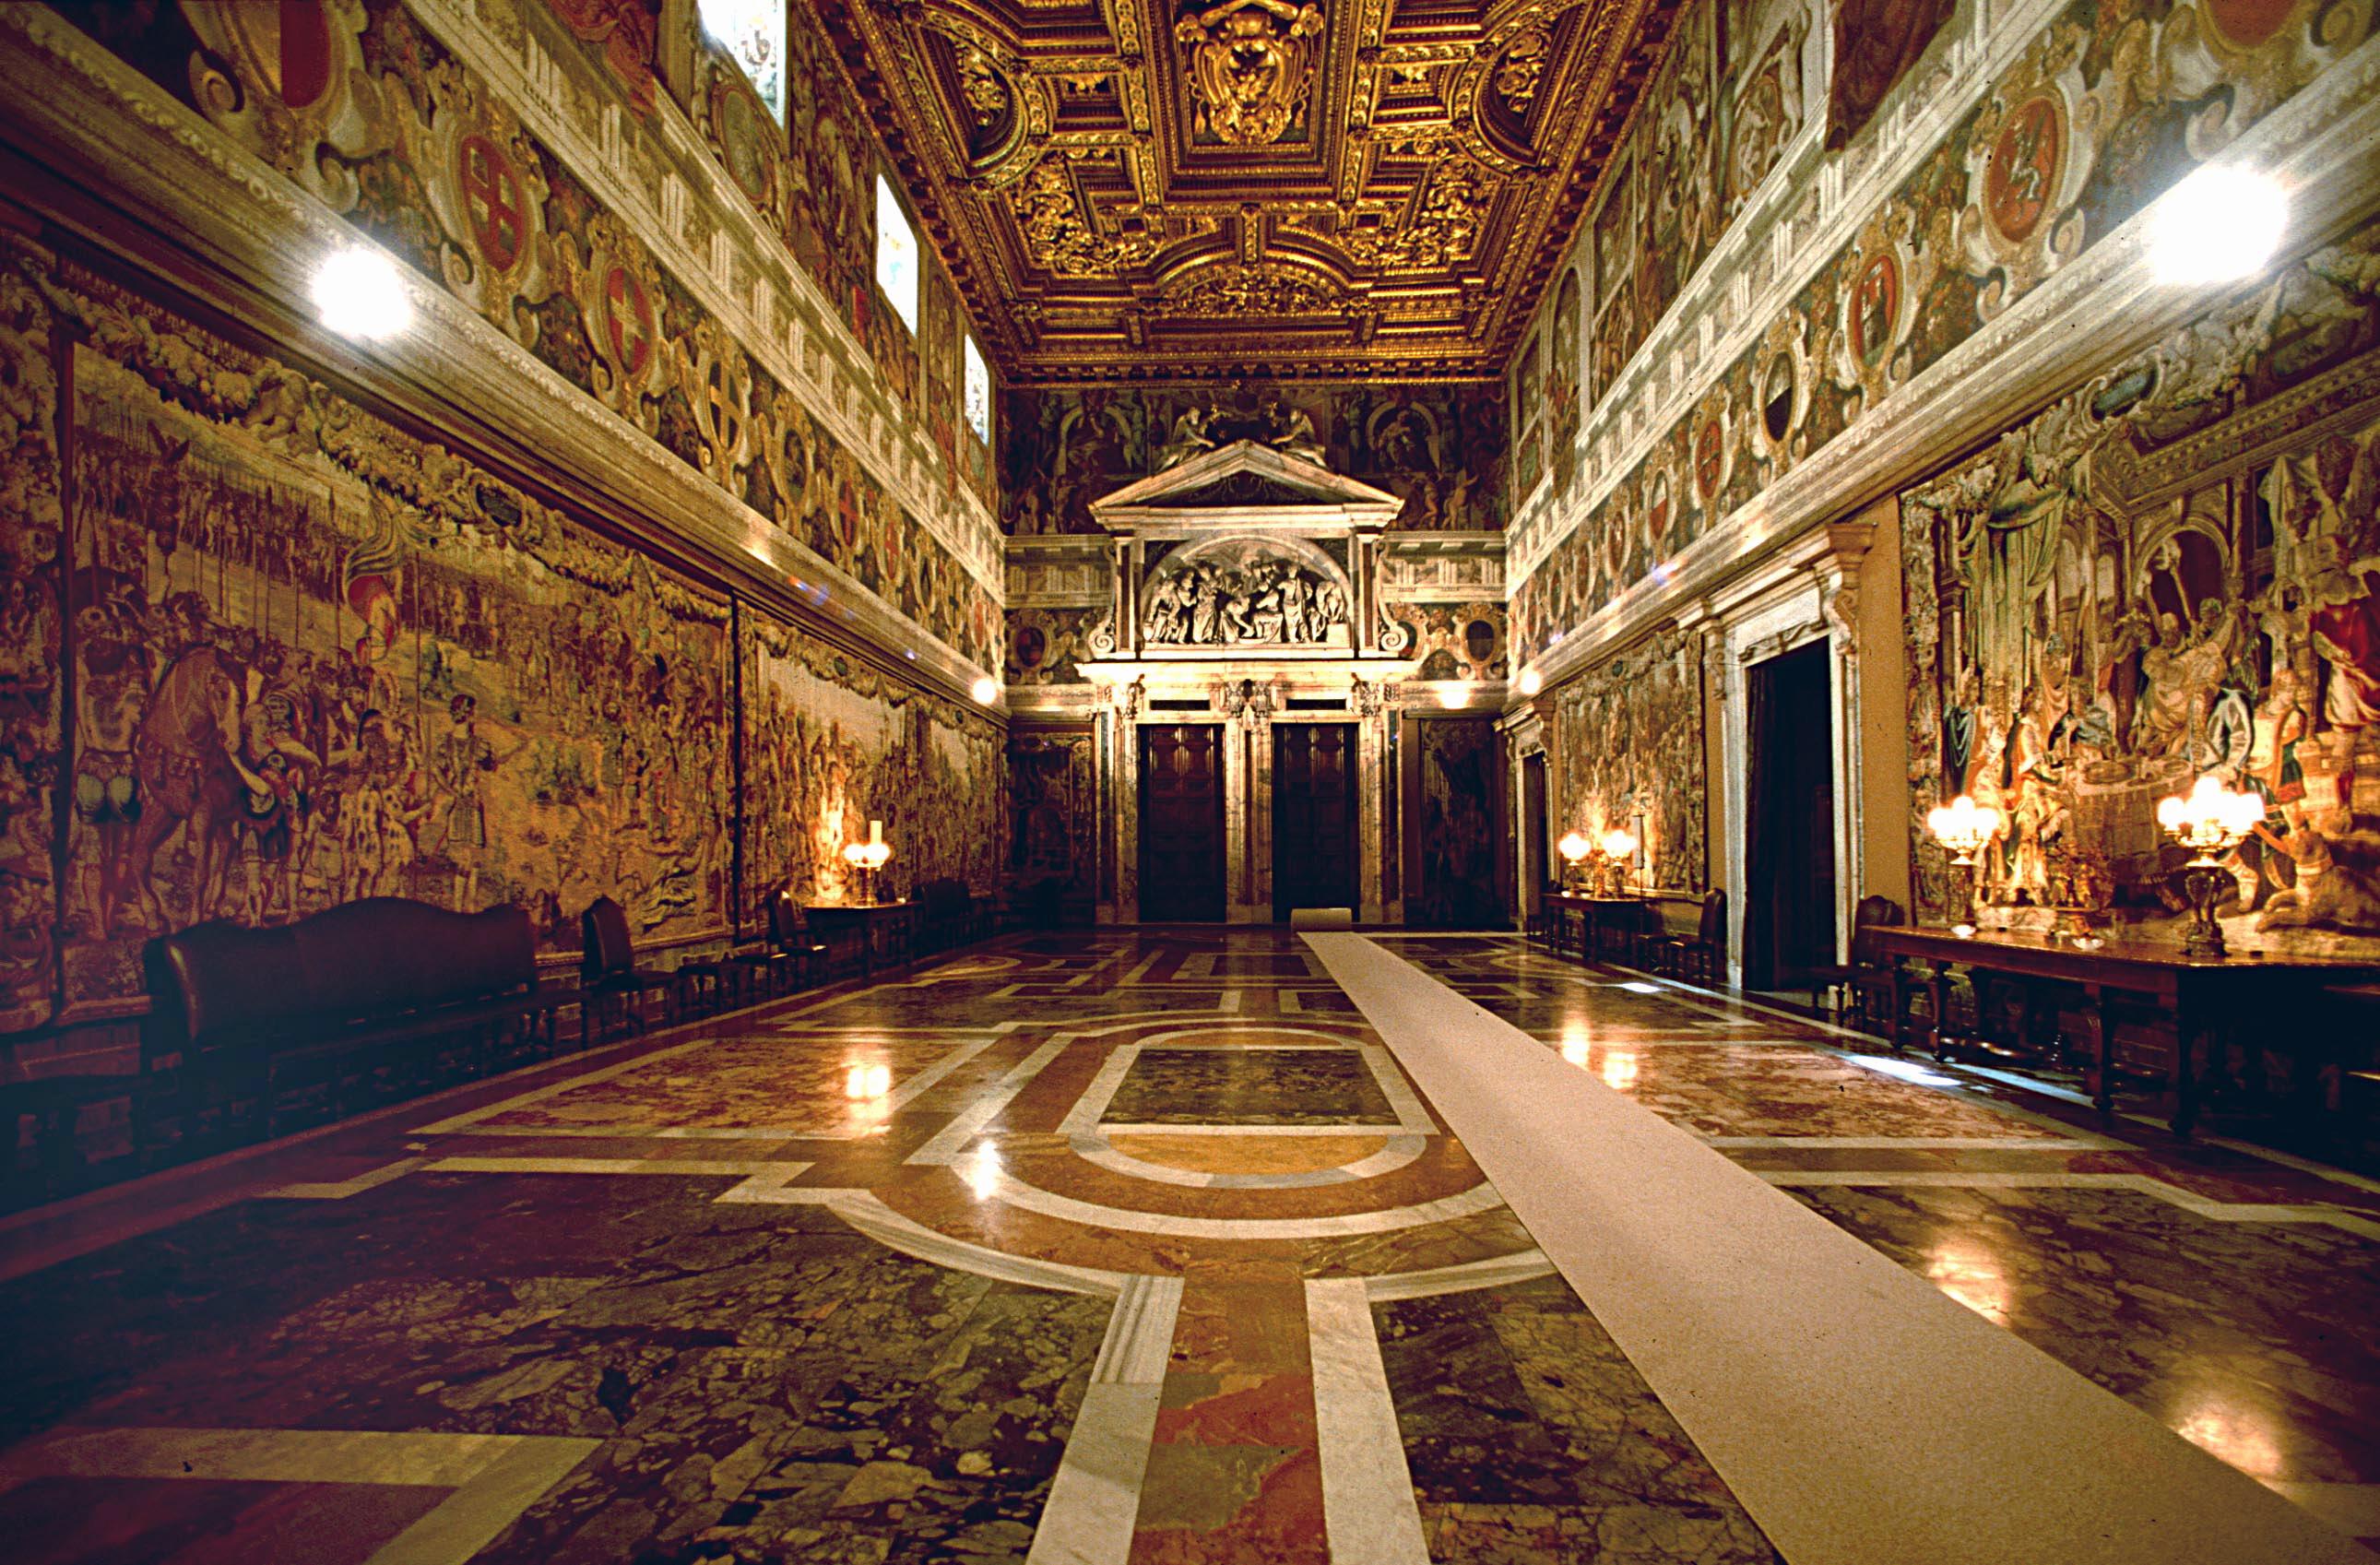 Palazzo del Quirinale, Salone dei Corazzieri